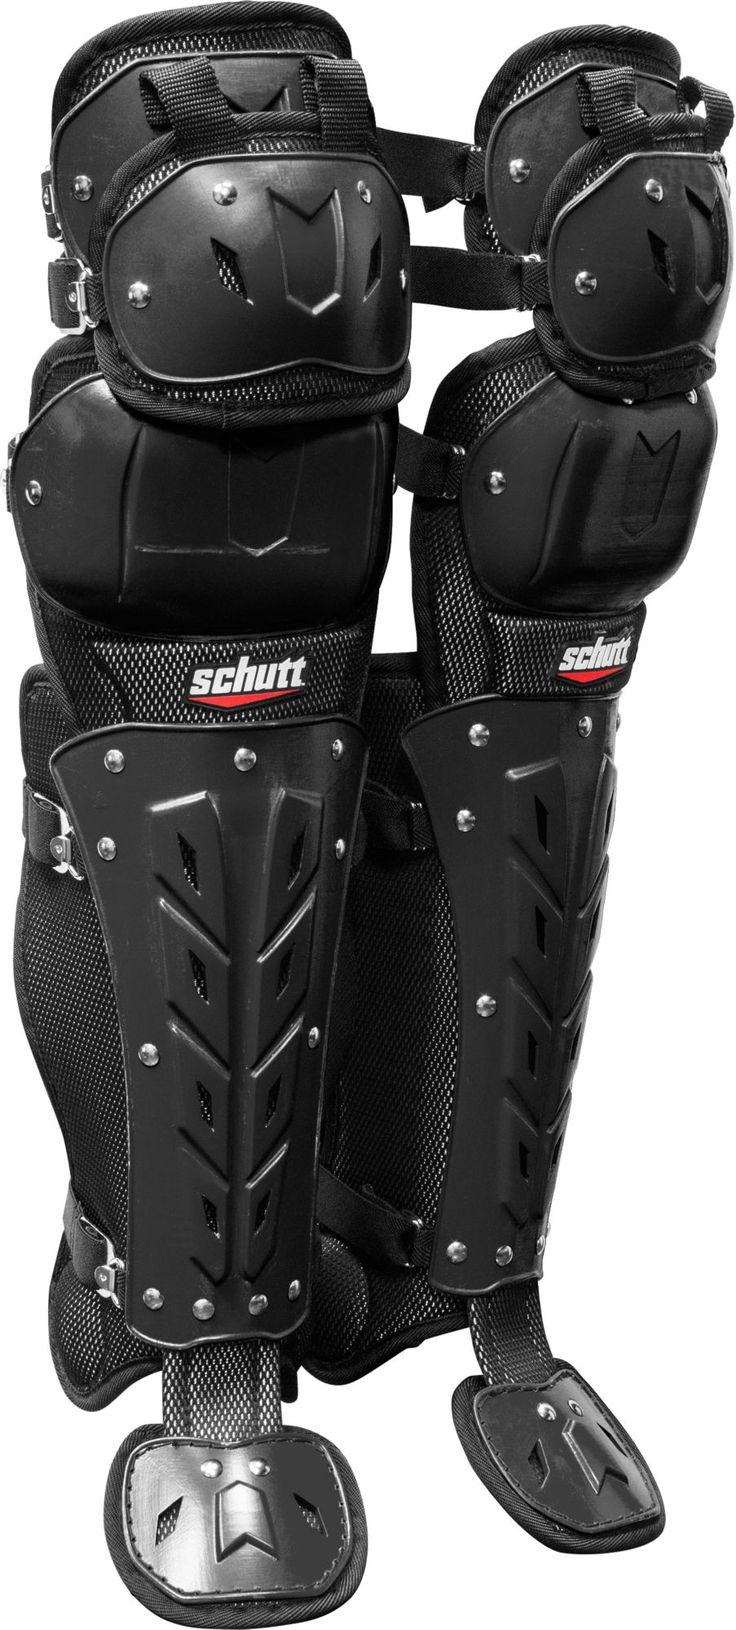 Schutt Air Maxx Scorpion Triple Knee Catcher's Leg Guards